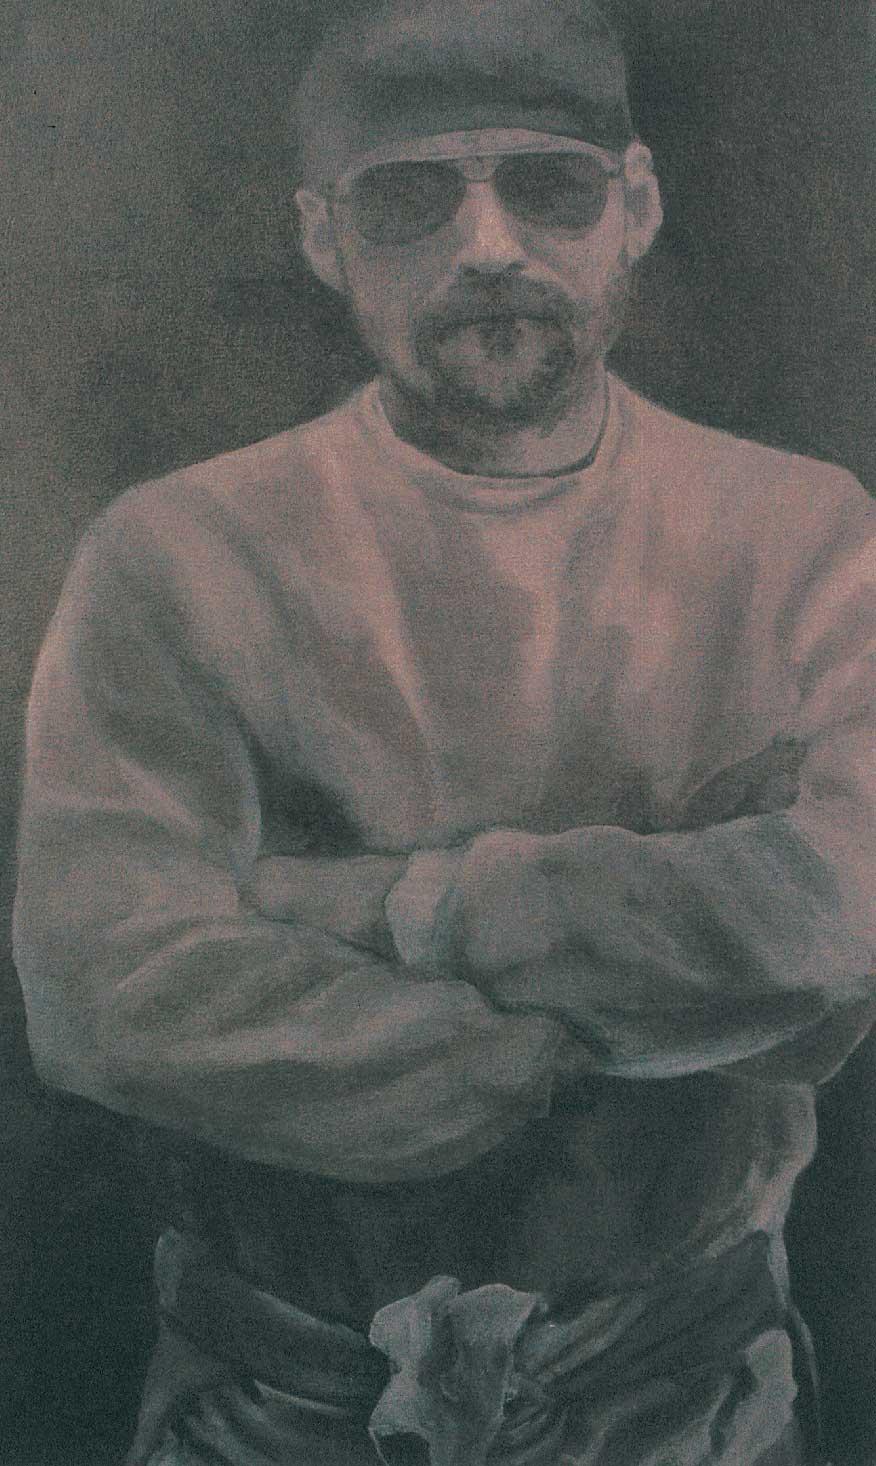 Vladimir by Cheryl Buchwald